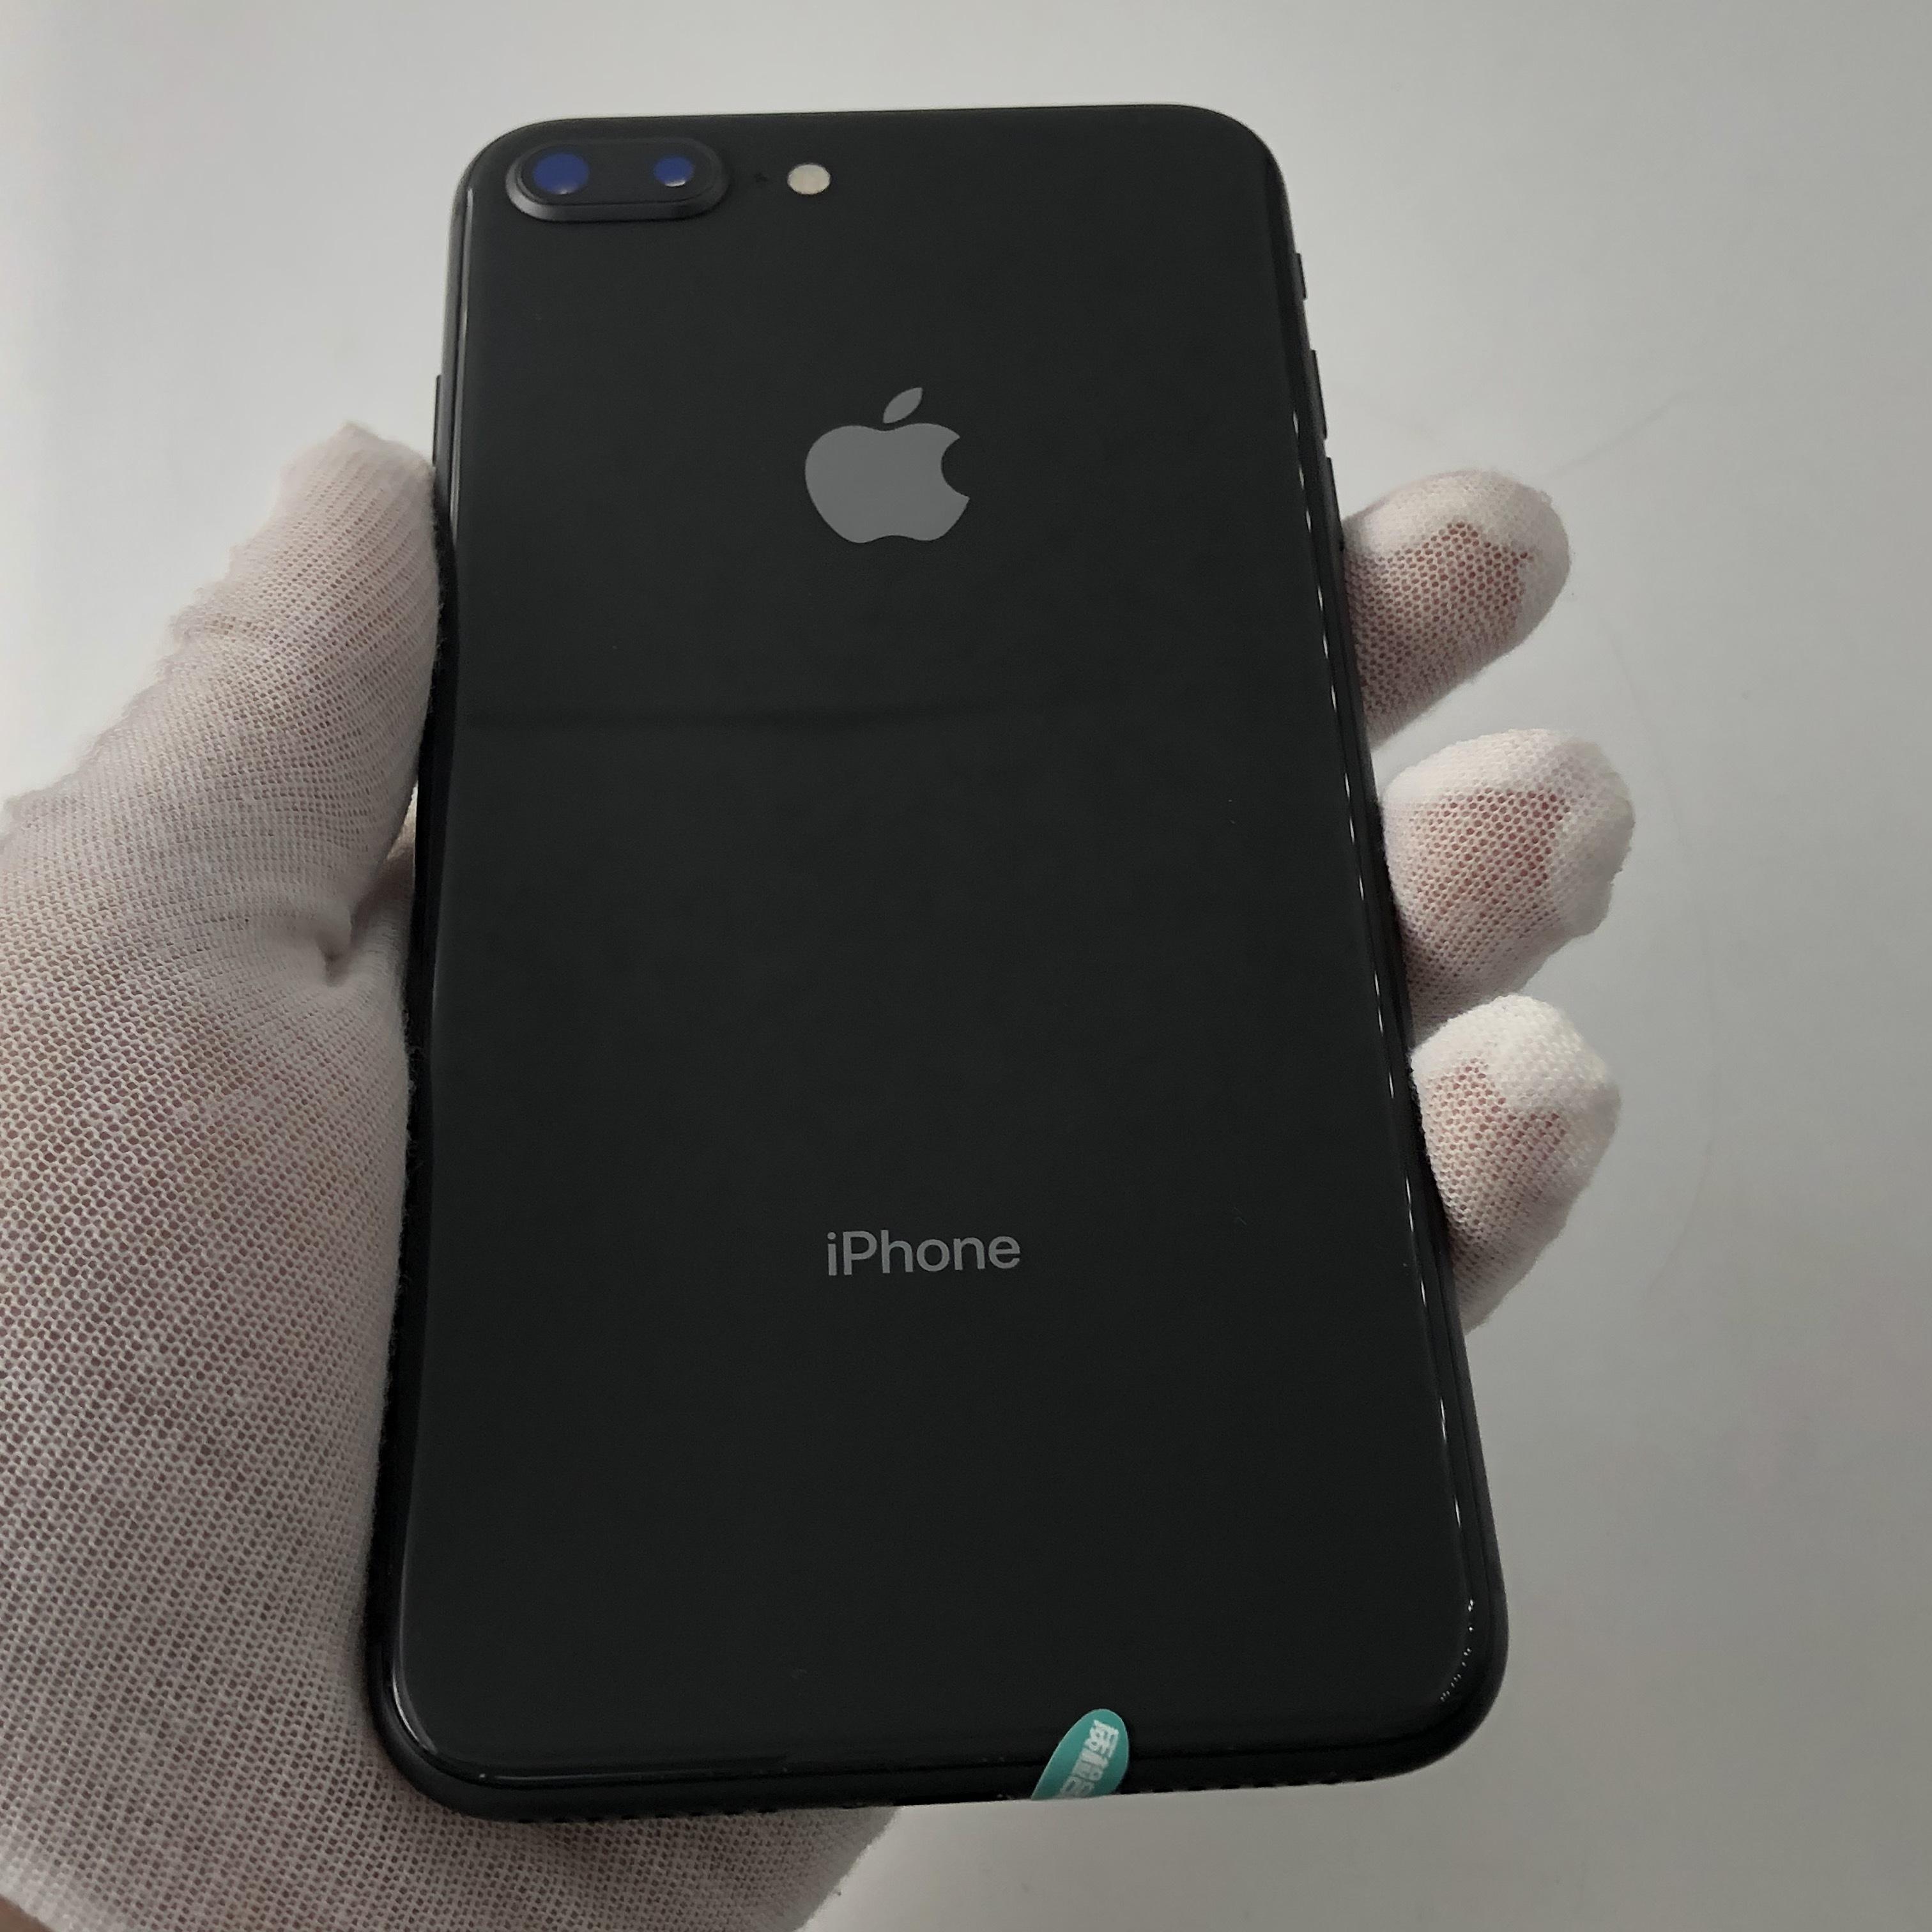 苹果【iPhone 8 Plus】4G全网通 深空灰 64G 国行 9成新